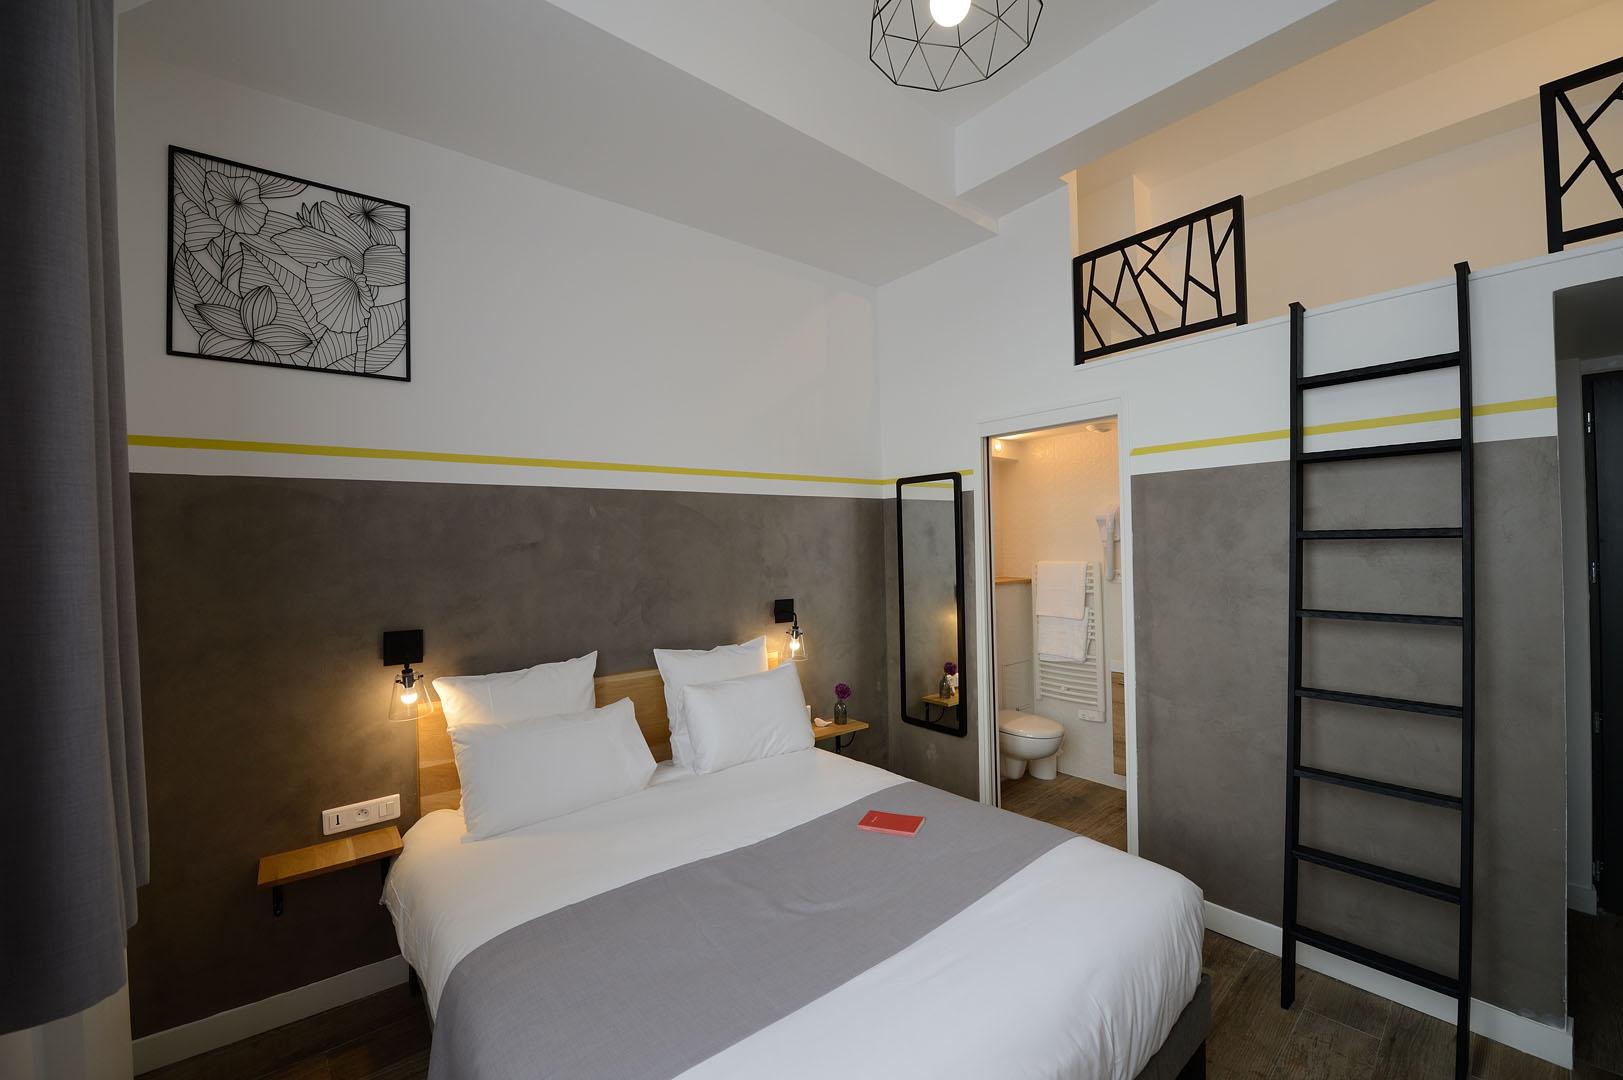 Chambre Confort, dans notre hôtel moderne à Paris, l'hôtel Terre Neuve.